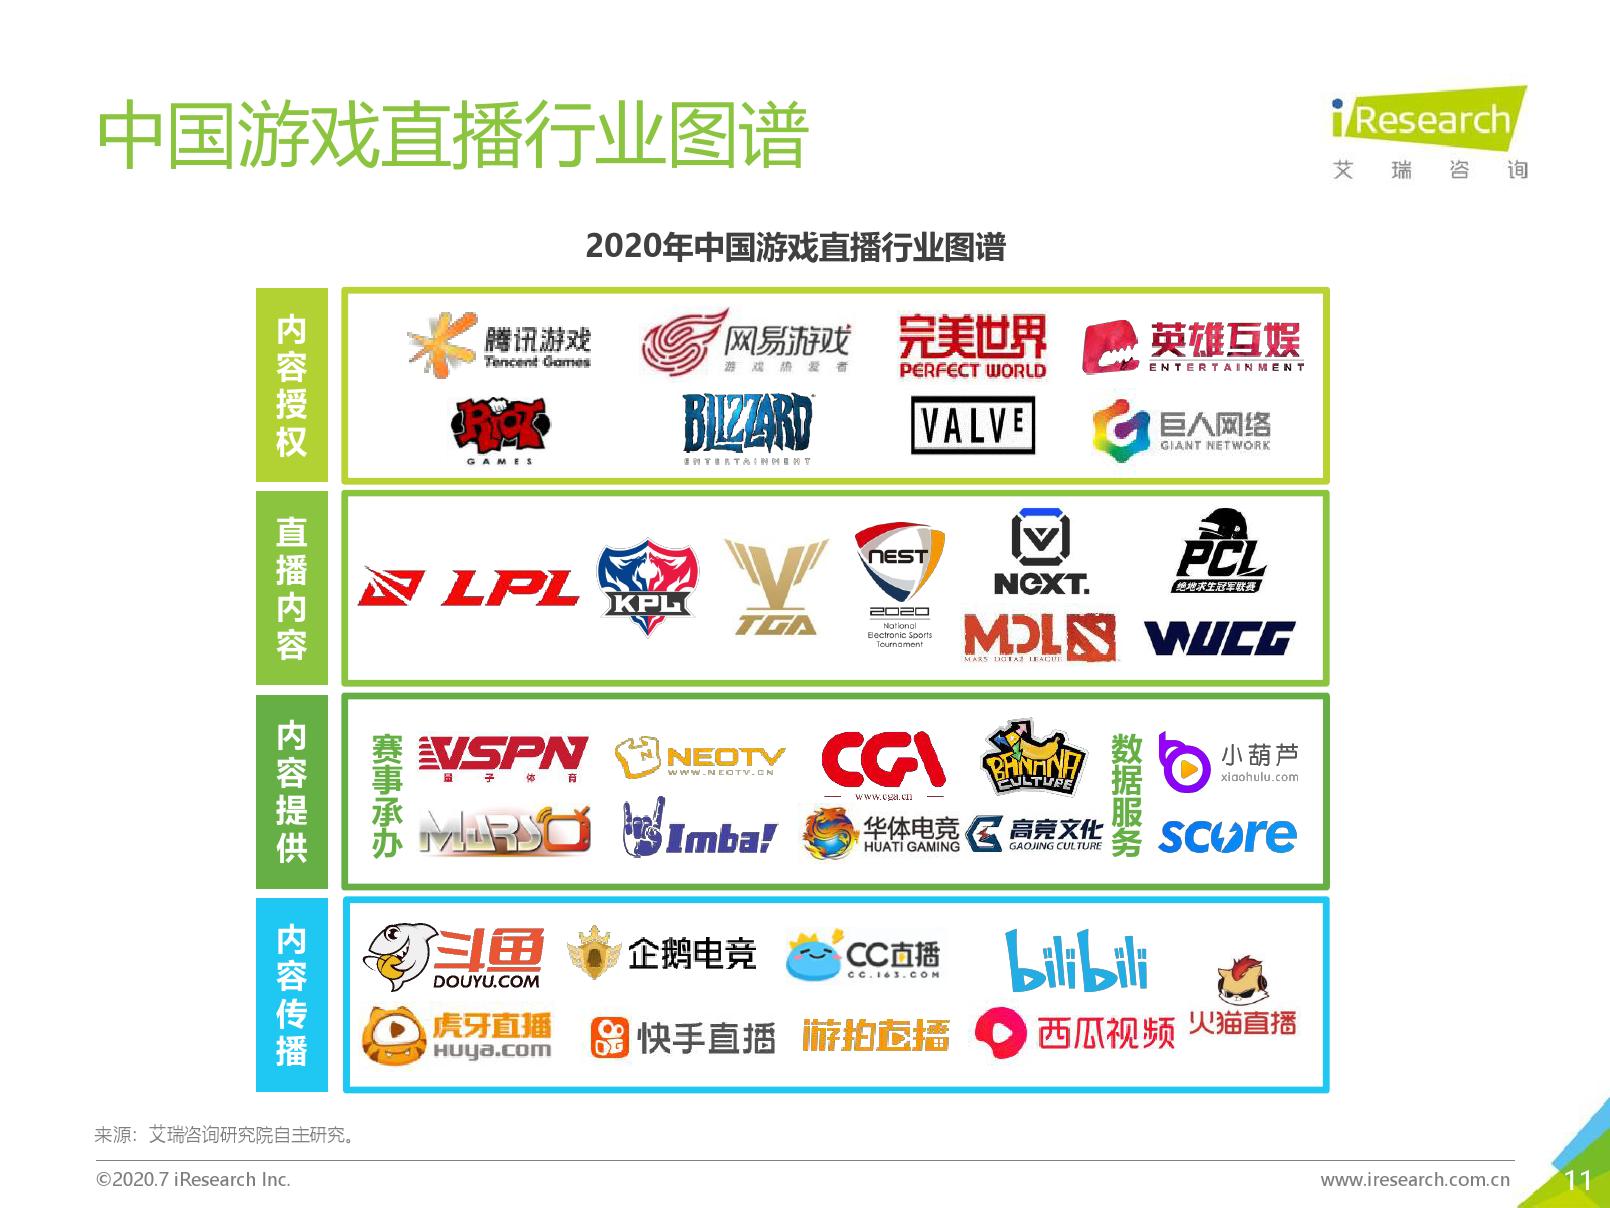 艾瑞咨询:2020年中国游戏直播行业研究报告(可下载报告)插图(21)